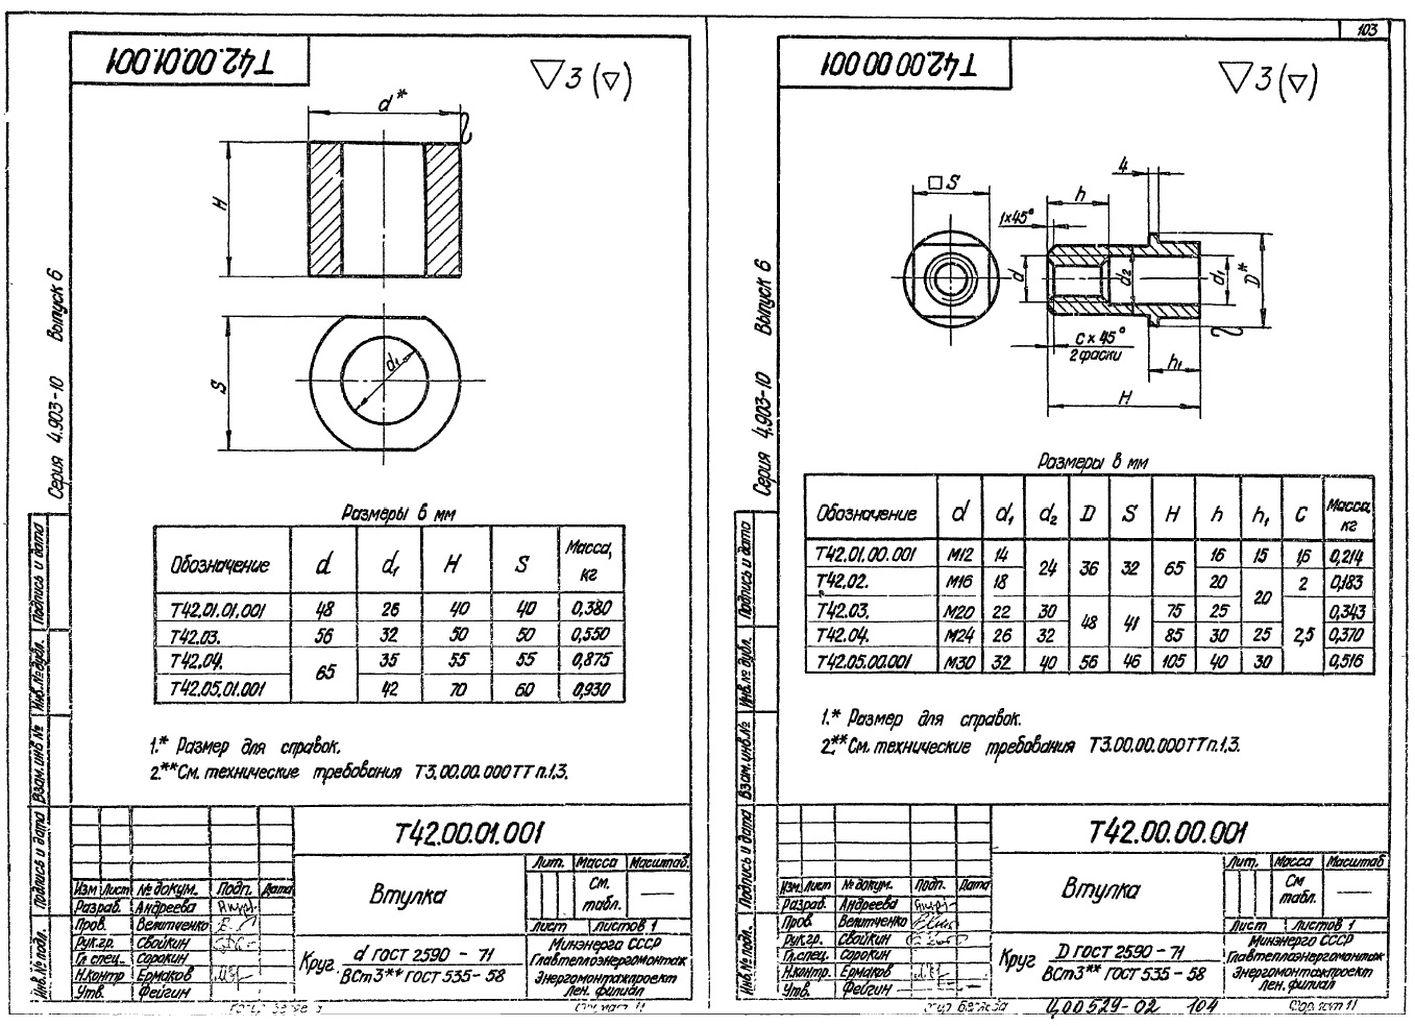 Разгружающее устройство для блоков пружин Т42.00.00.000 стр.4